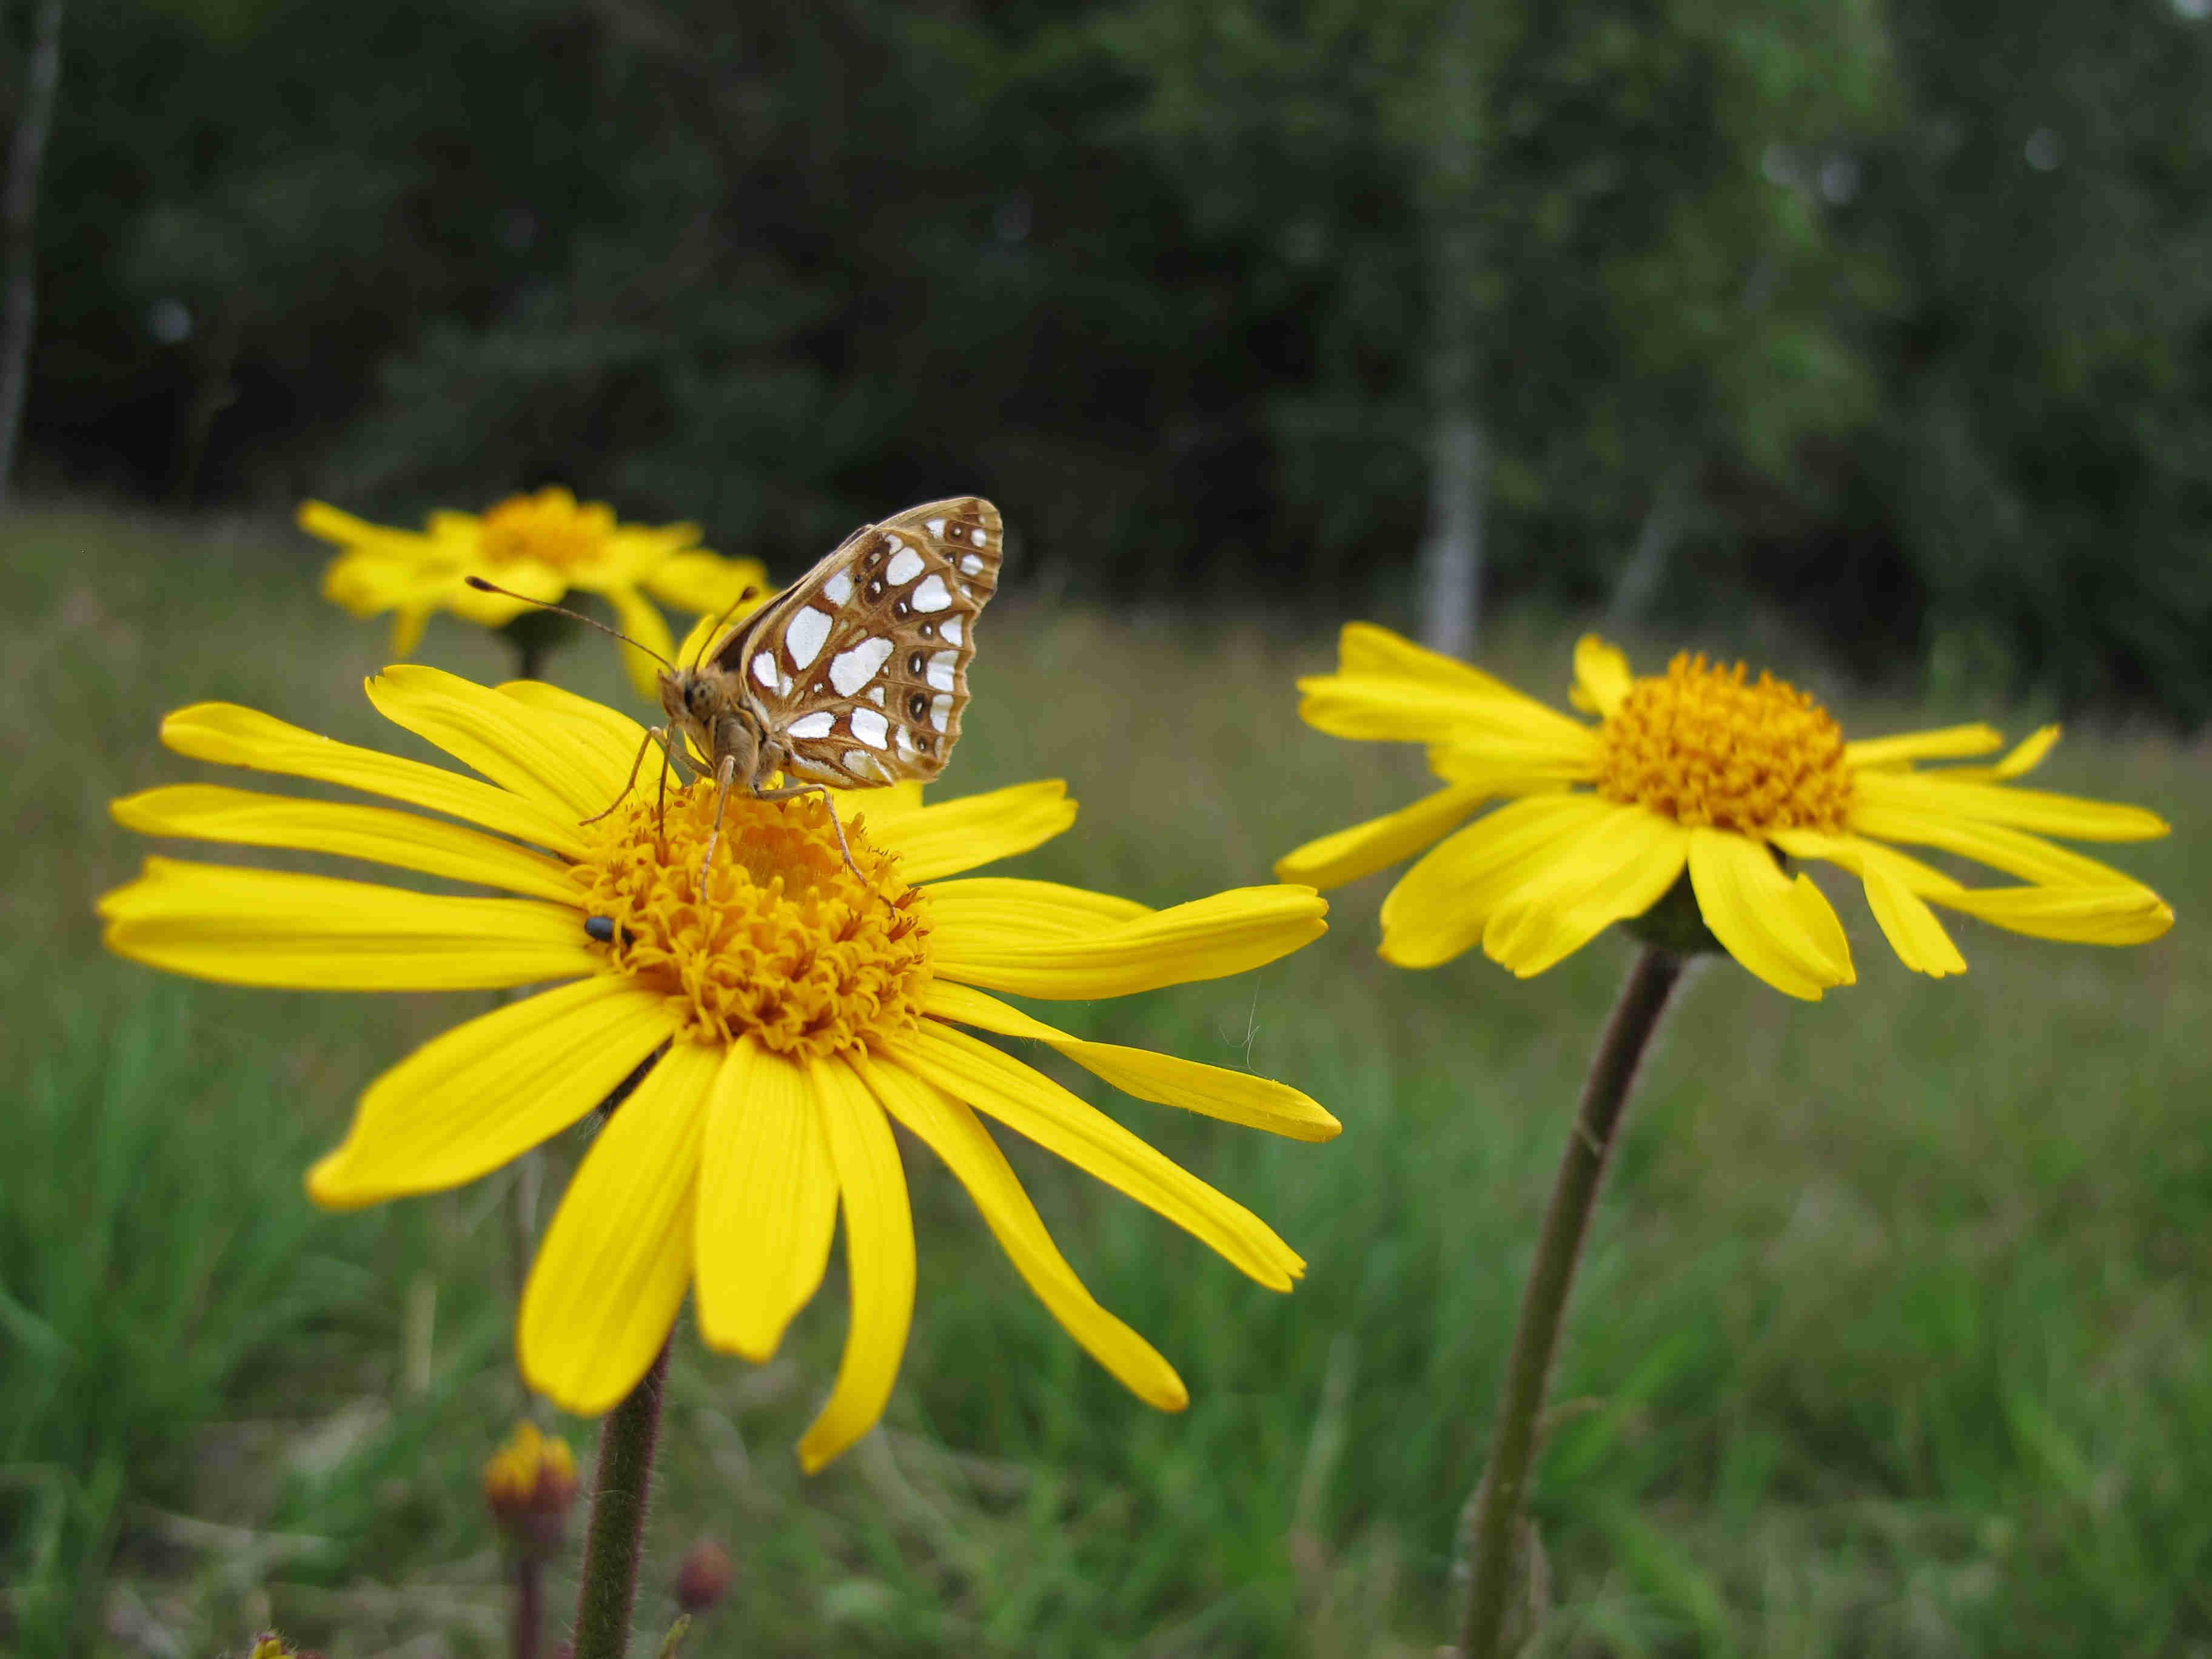 Auf dem Bild ist ein Schmetterling auf dem Blütenstand von Arnica montana zu sehen.